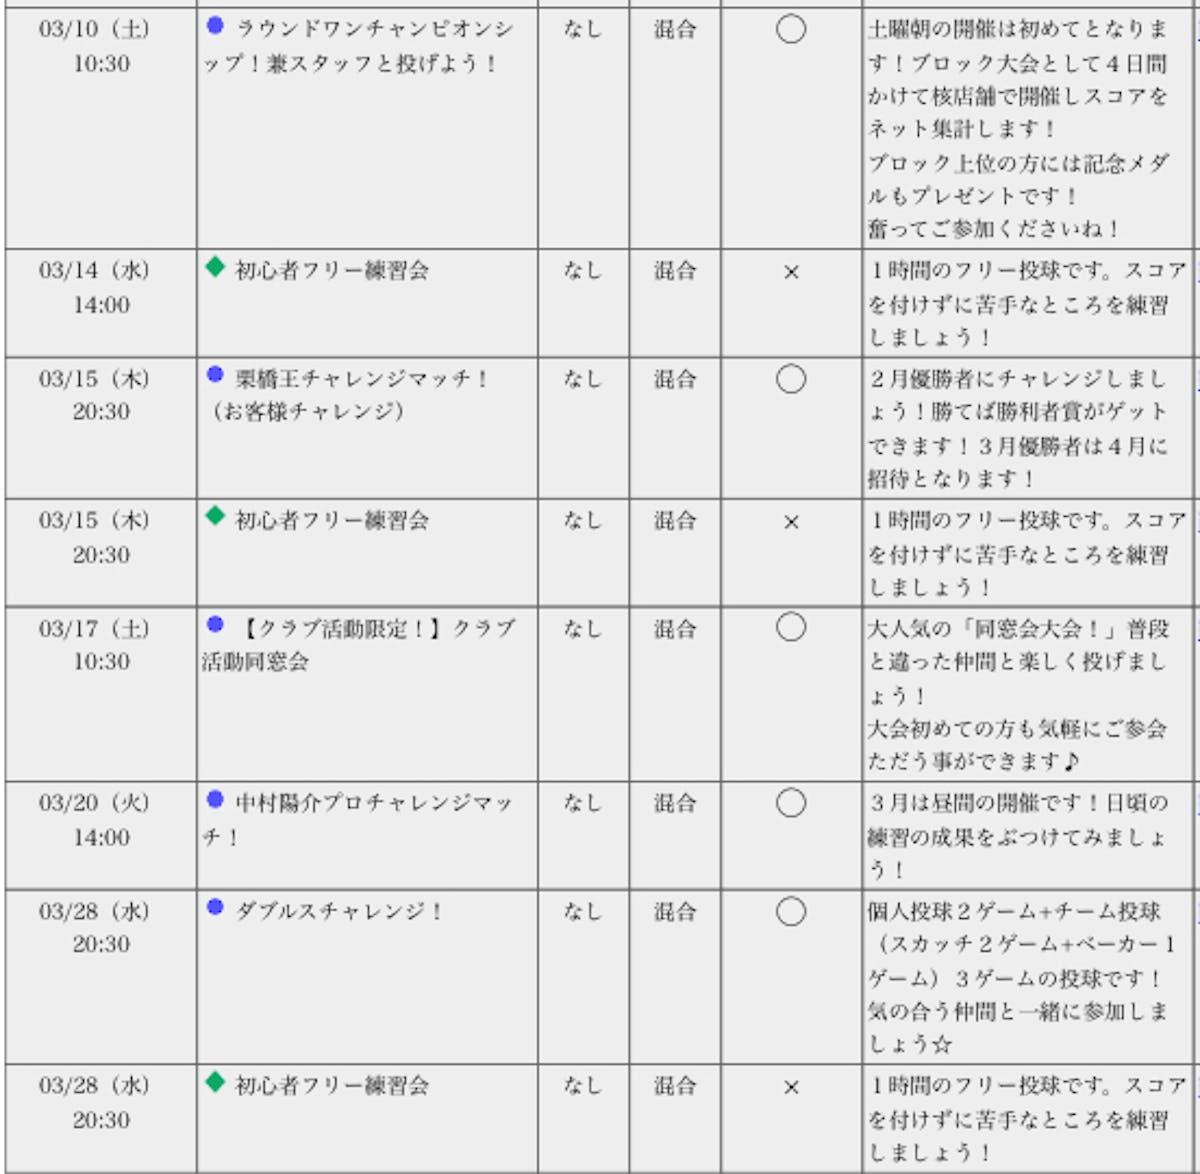 96AC04A6-728B-4C30-90E8-512BDA102DB6.jpeg